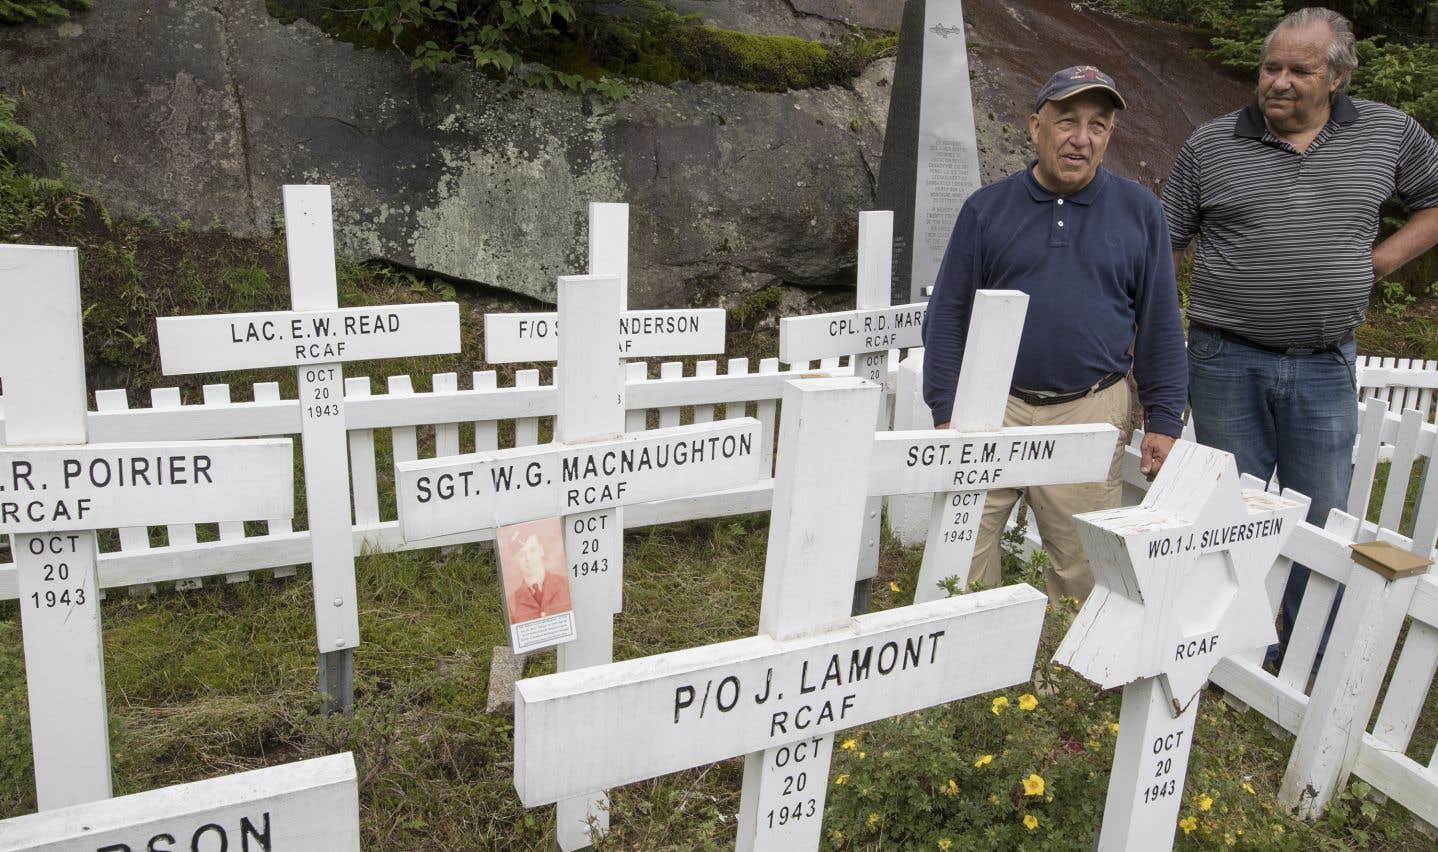 Une photo laissée récemment sur l'une des croix rendant hommage aux soldats décédés intrigue les Gardiens du Liberator. Au verso, le militaire MacNaughton apparaît aux côtés d'une jeune fille, que le groupe espère retrouver.